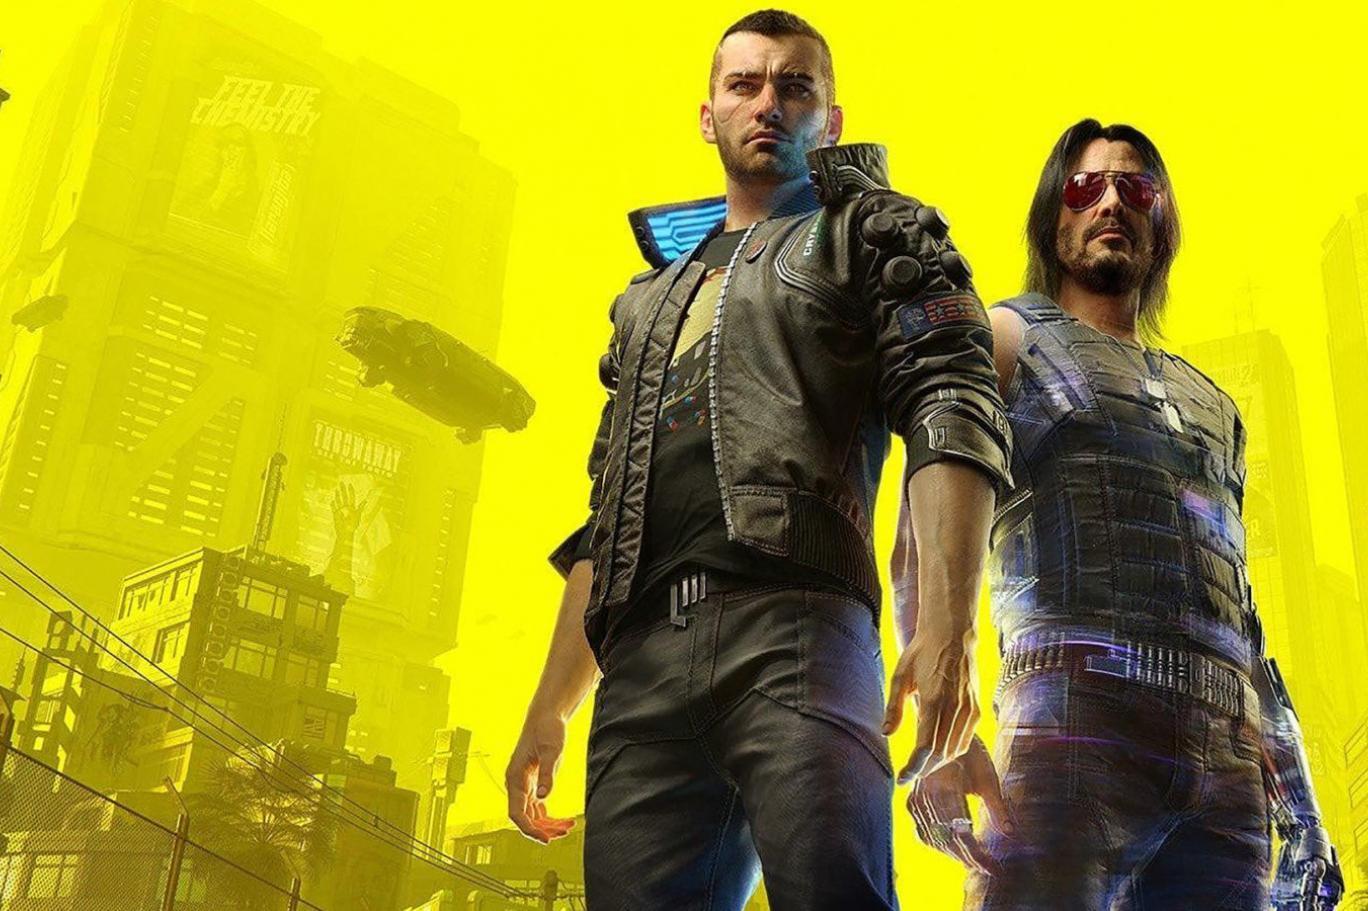 Cyberpunk 2077 PlayStation Store'a Geri Dönüyor, Ancak Sony PS4 Sorunlarının Devam Ettiğini Doğruladı